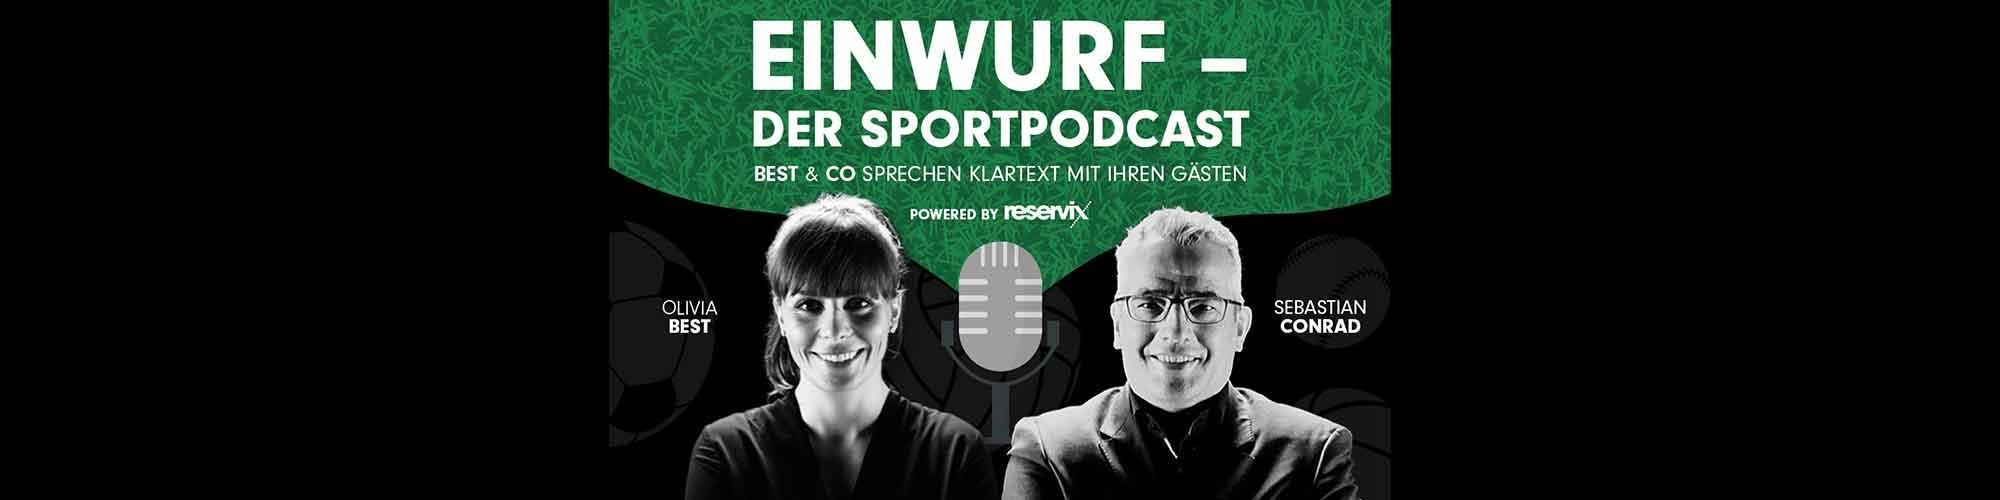 einwurf-sport-podcast-banner